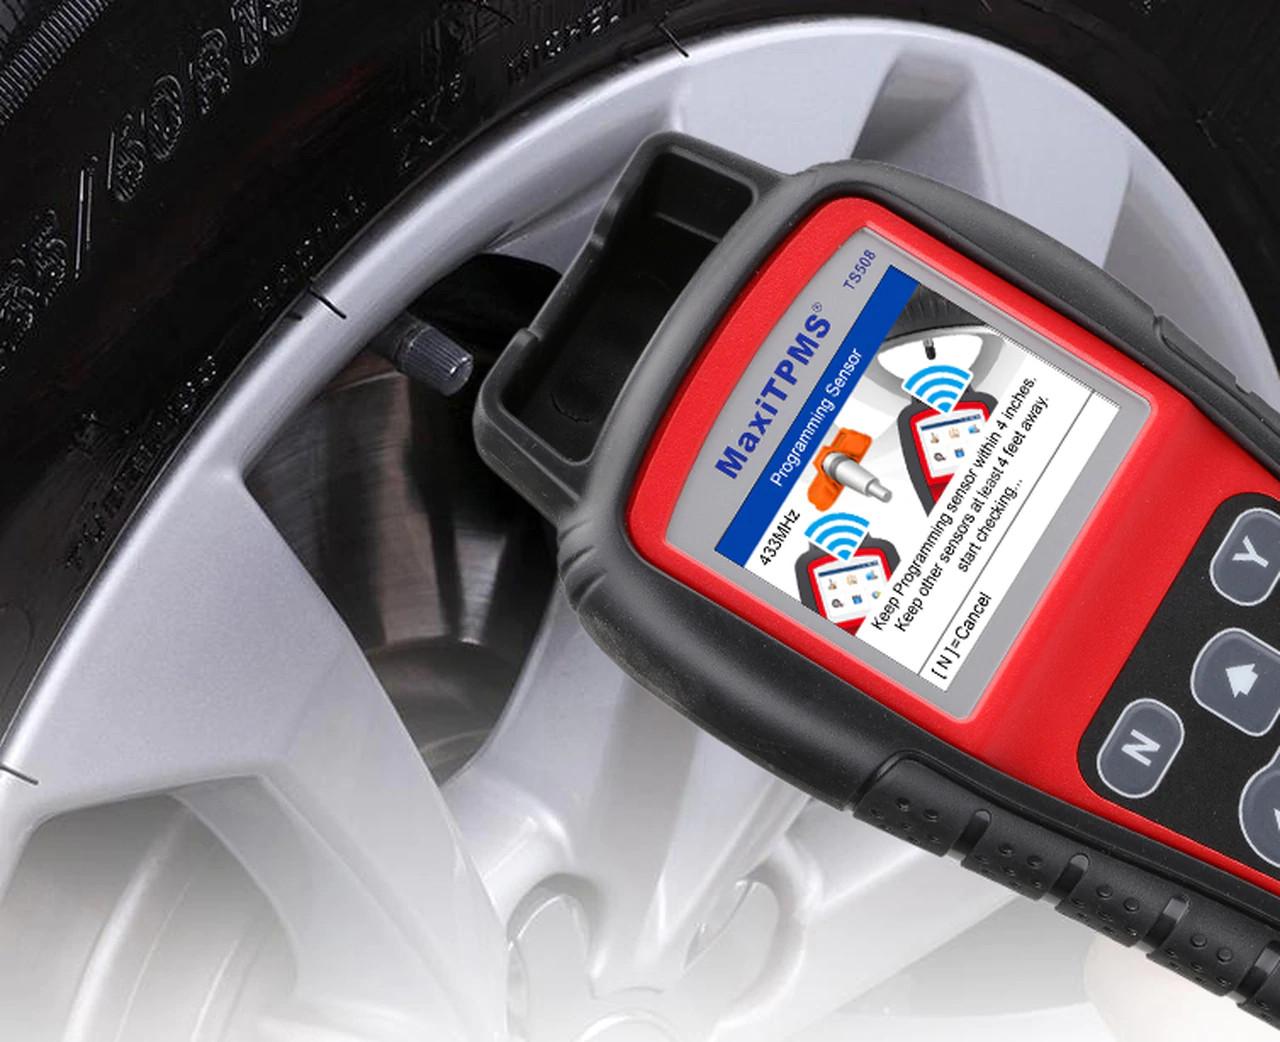 Autel Maxi TPMS TS508k Premium Kit part #:AUL-TS508K